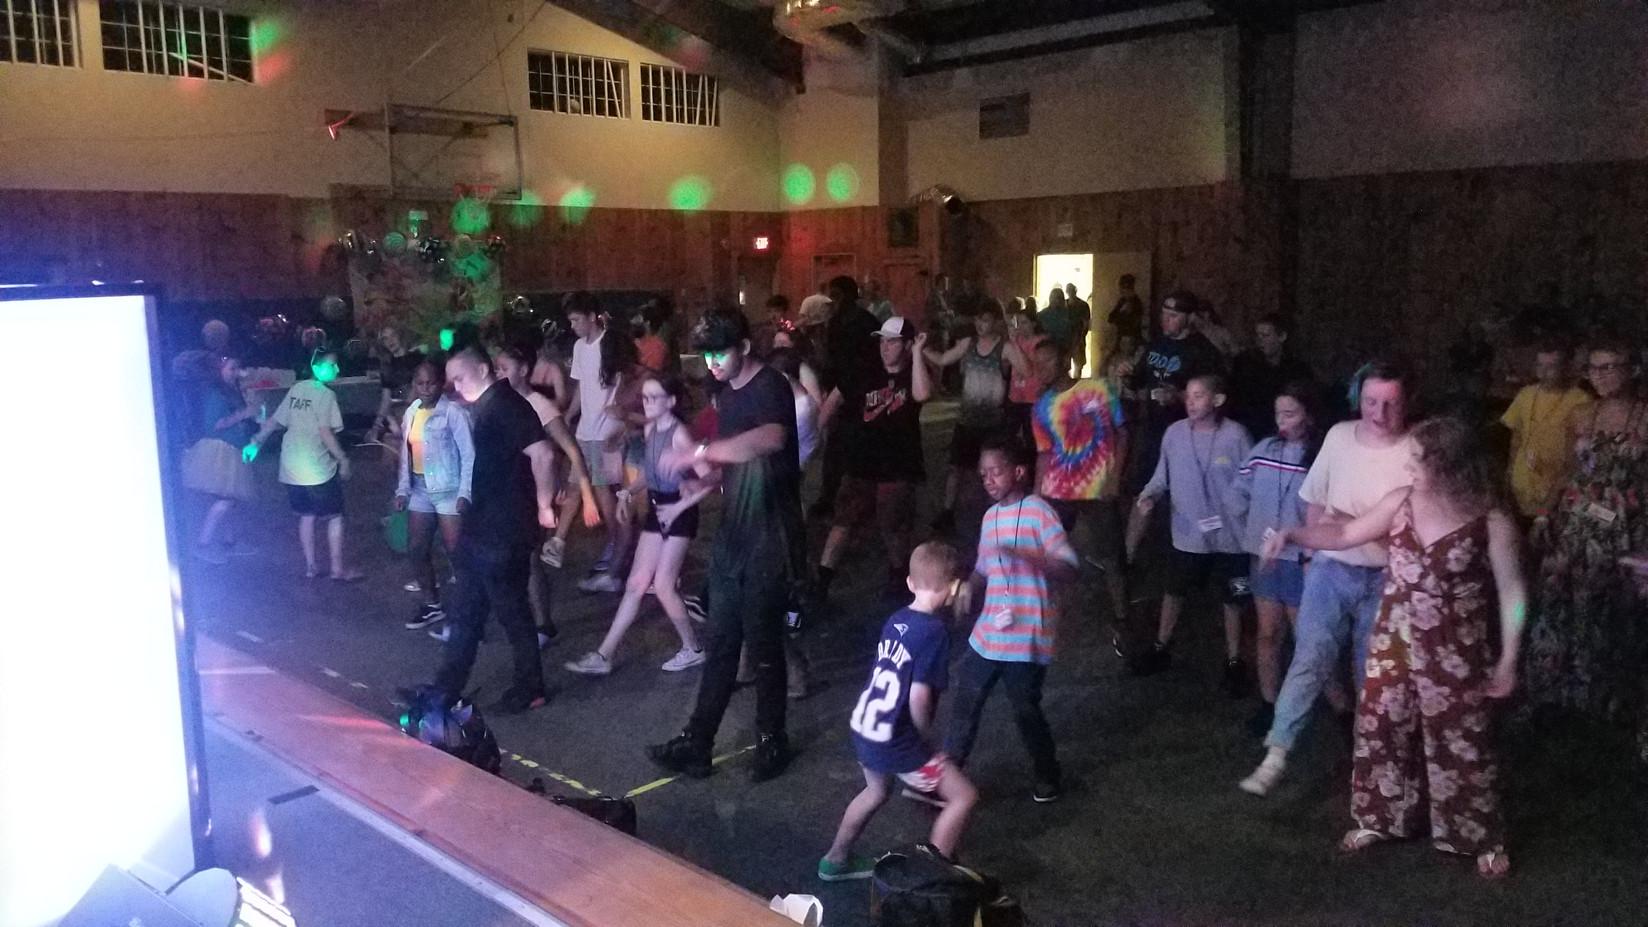 Magical-Memories-Dance-Party.jpg